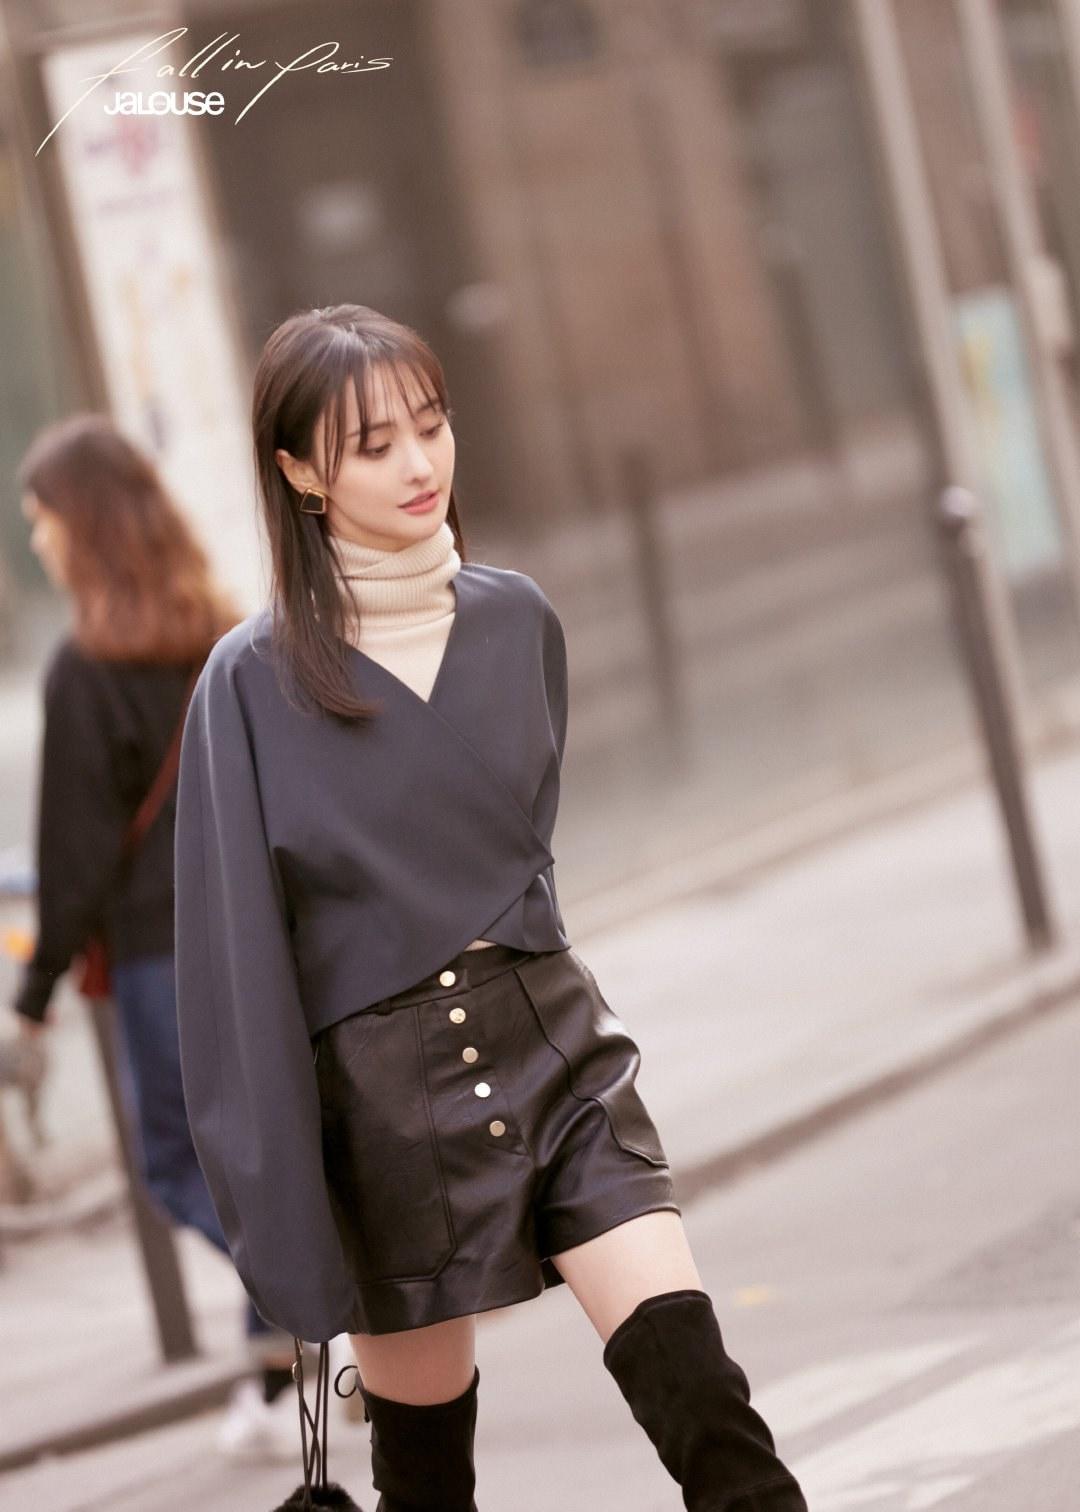 Fan soi ra chi tiết bất thường trong thời gian bị đồn mang thai của Trịnh Sảng, trang phục đã nói lên tất cả - Ảnh 4.